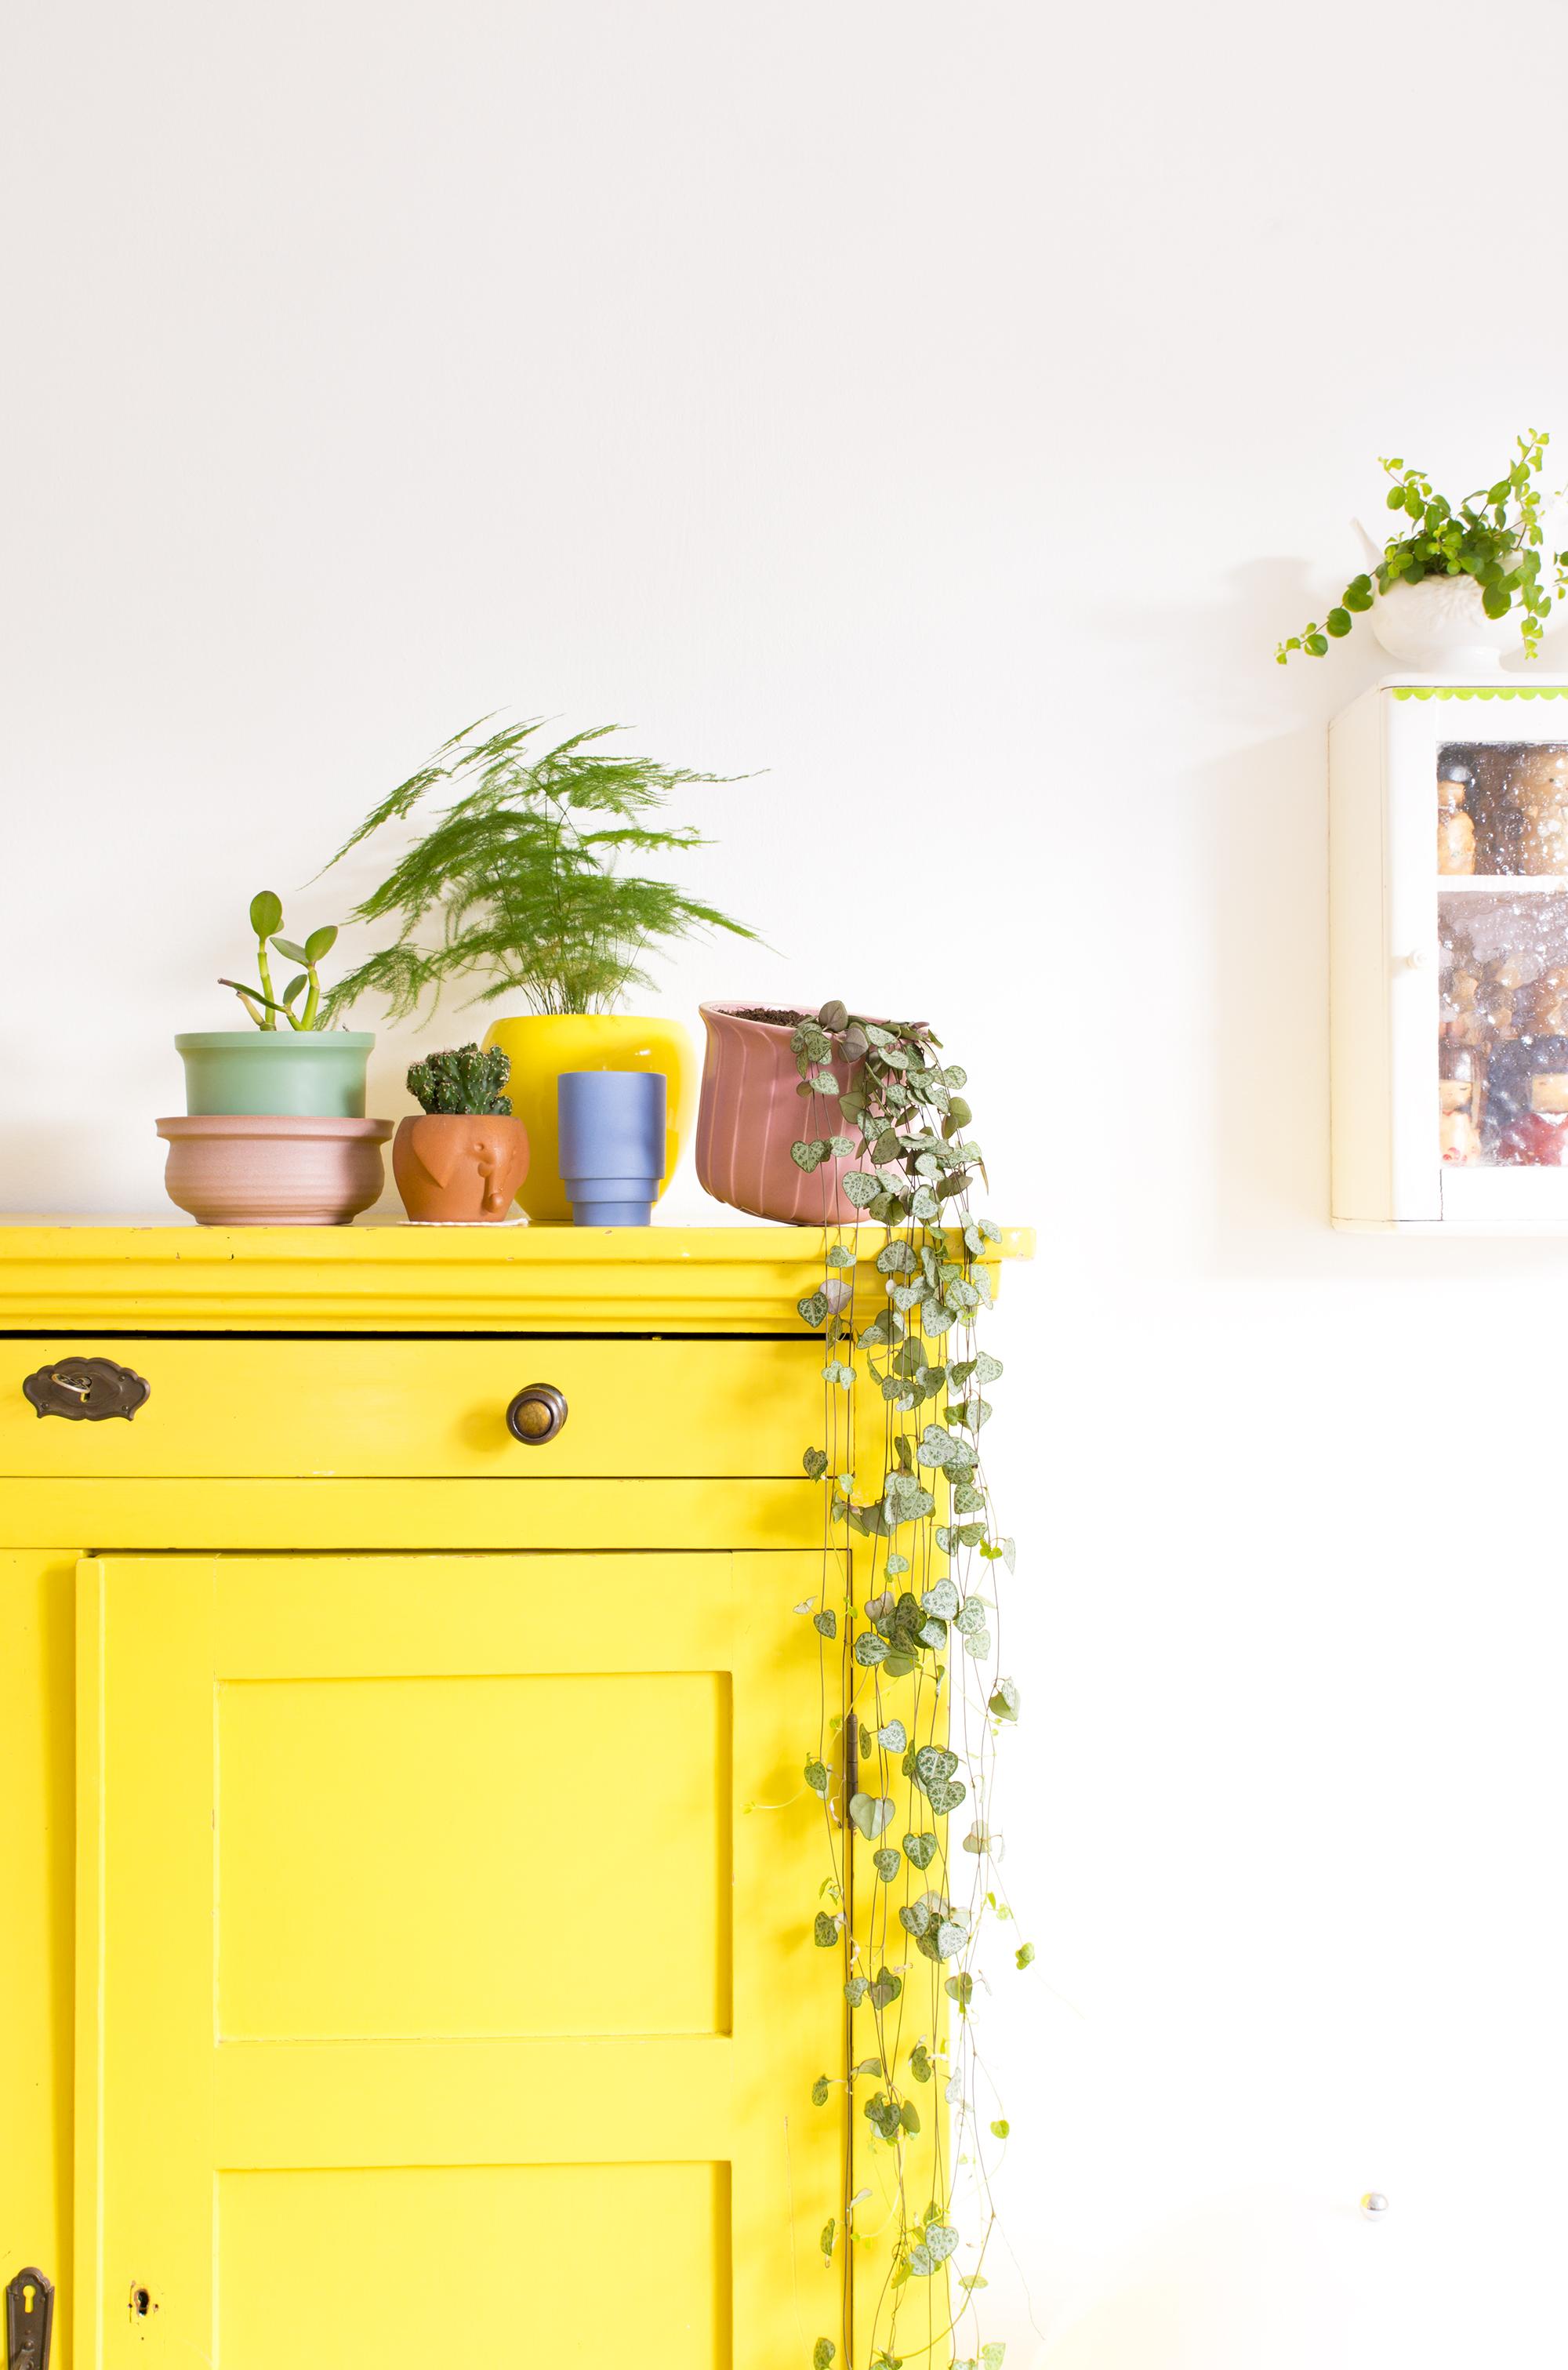 Bloempot en planten op gele kast